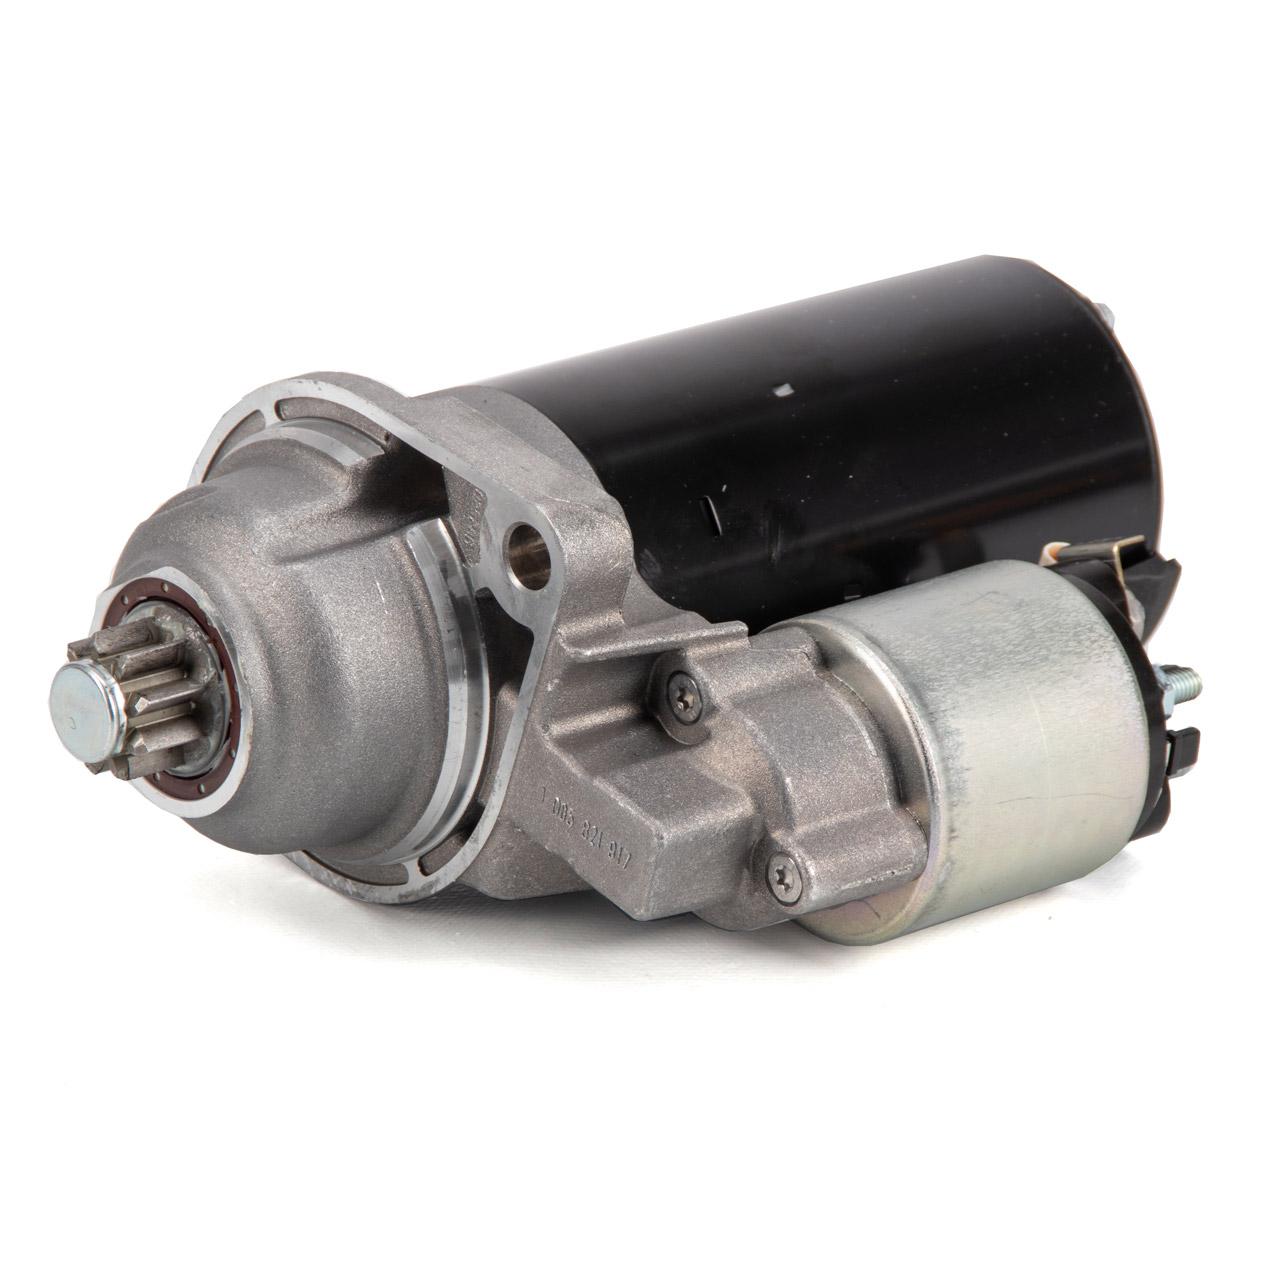 BOSCH 0001123052 Anlasser 12V 1,7kW PORSCHE 996 997 Boxster Cayman 986 987